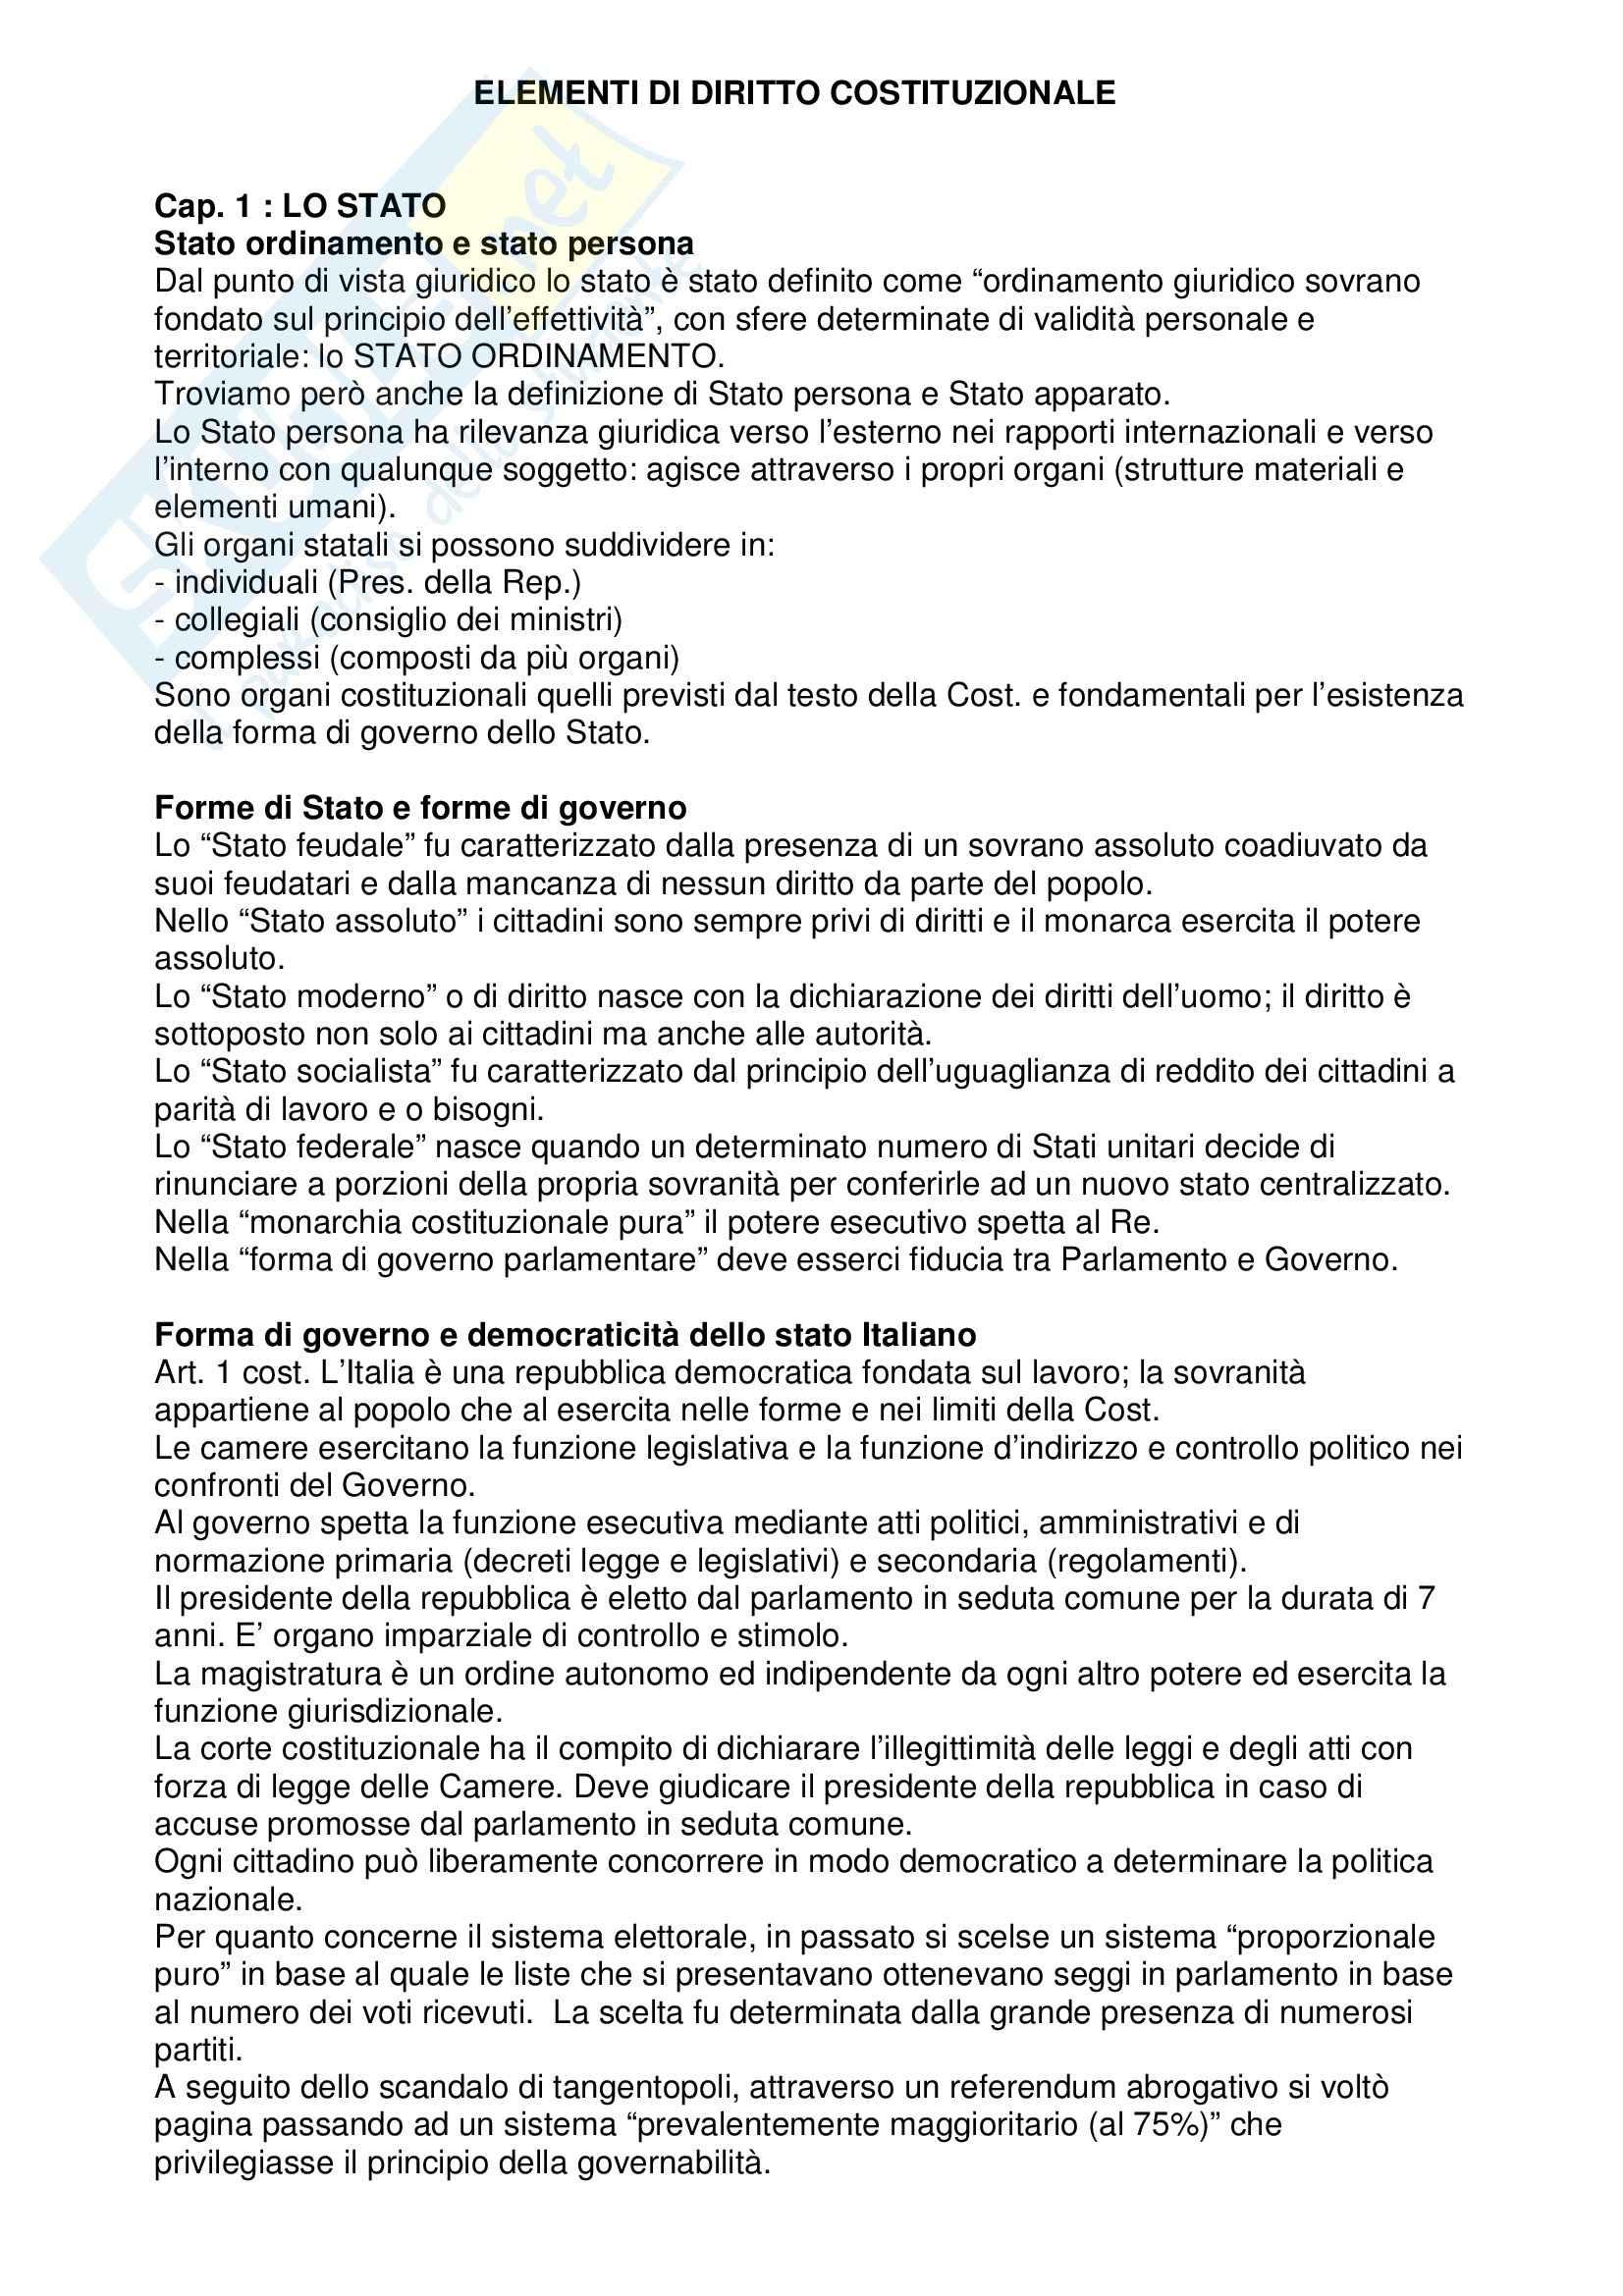 Diritto costituzionale - elementi di diritto costituzionale